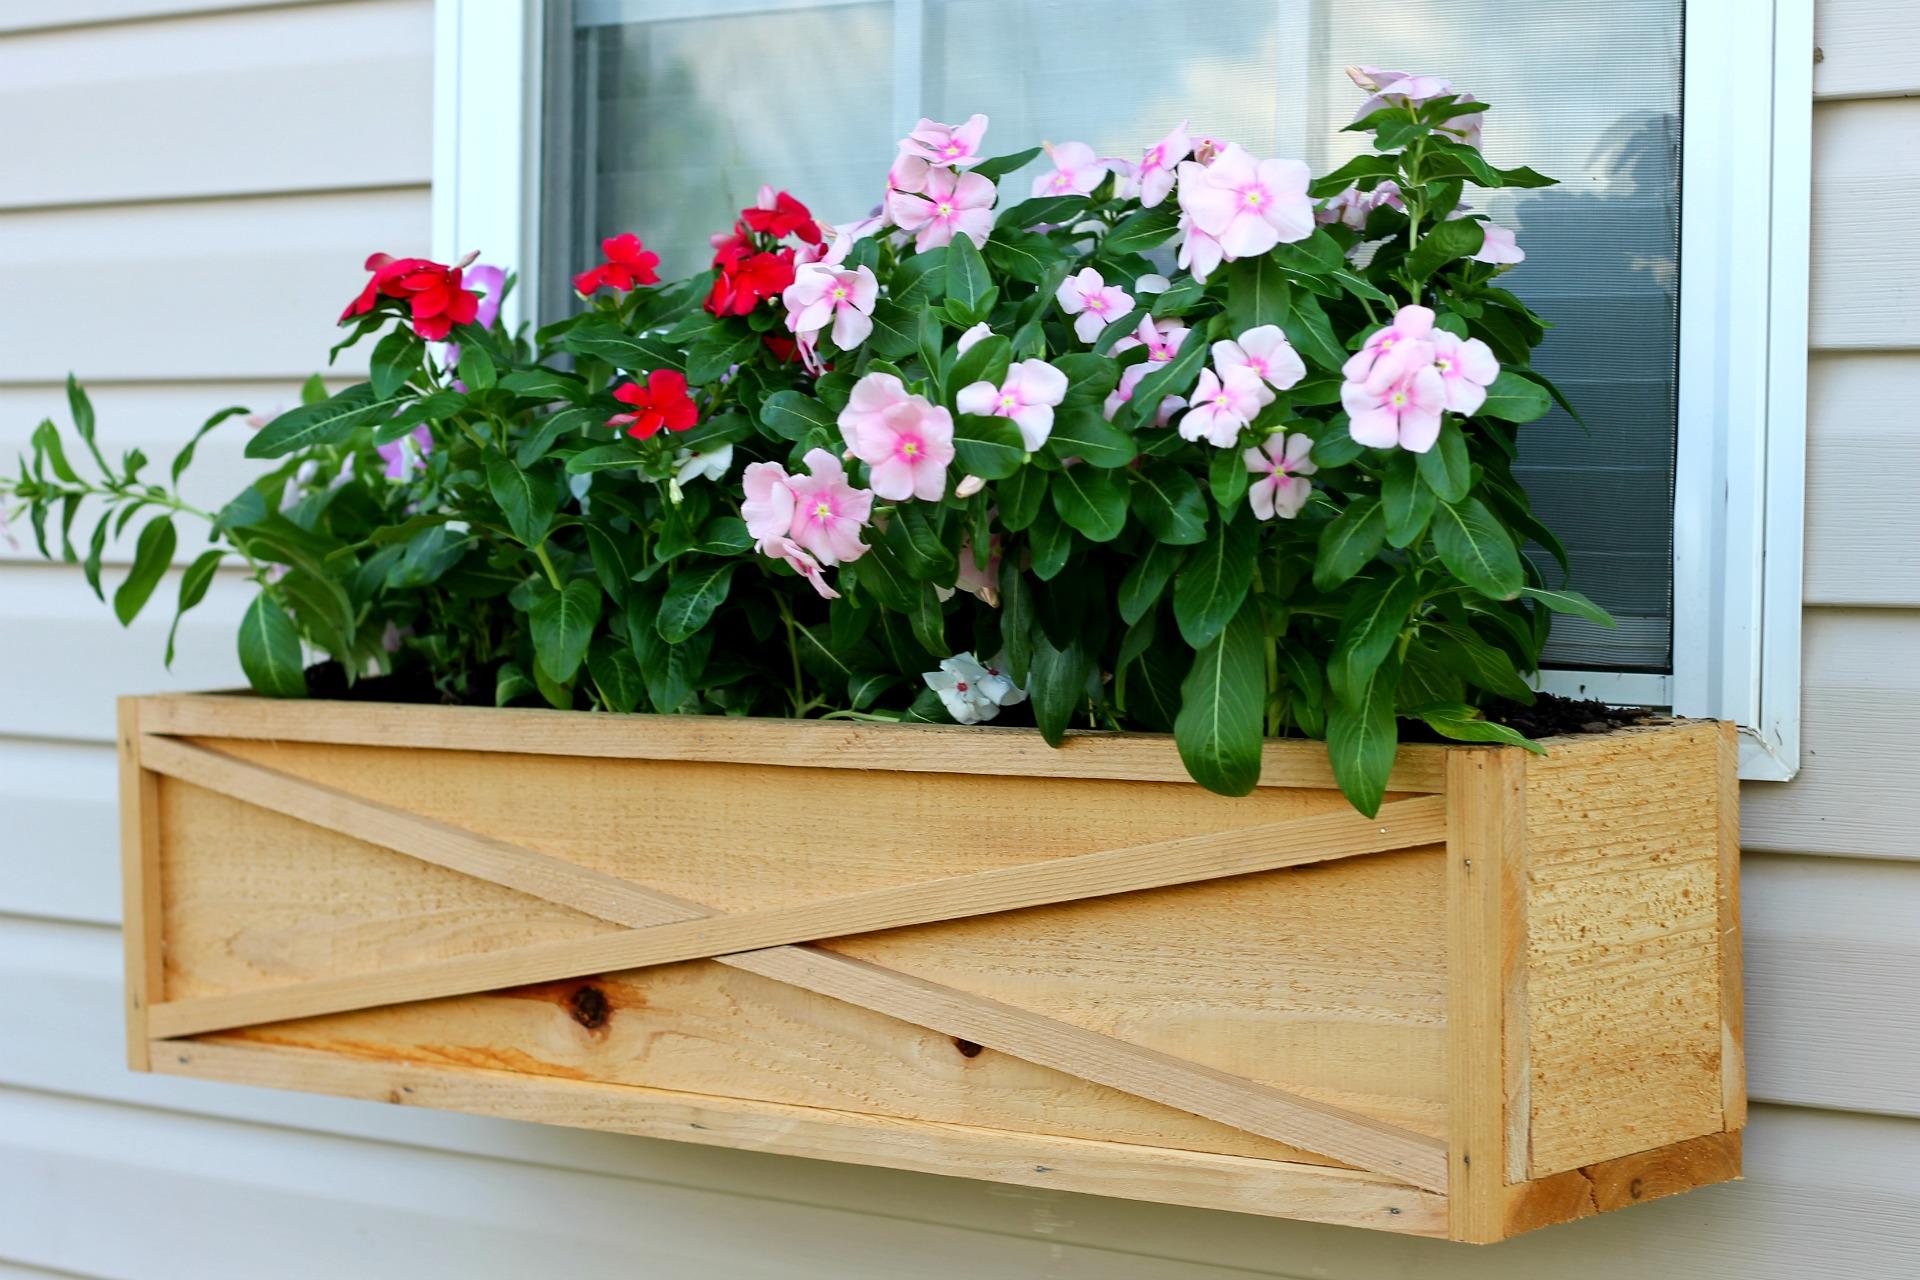 How To Build A Cedar Window Box Planter